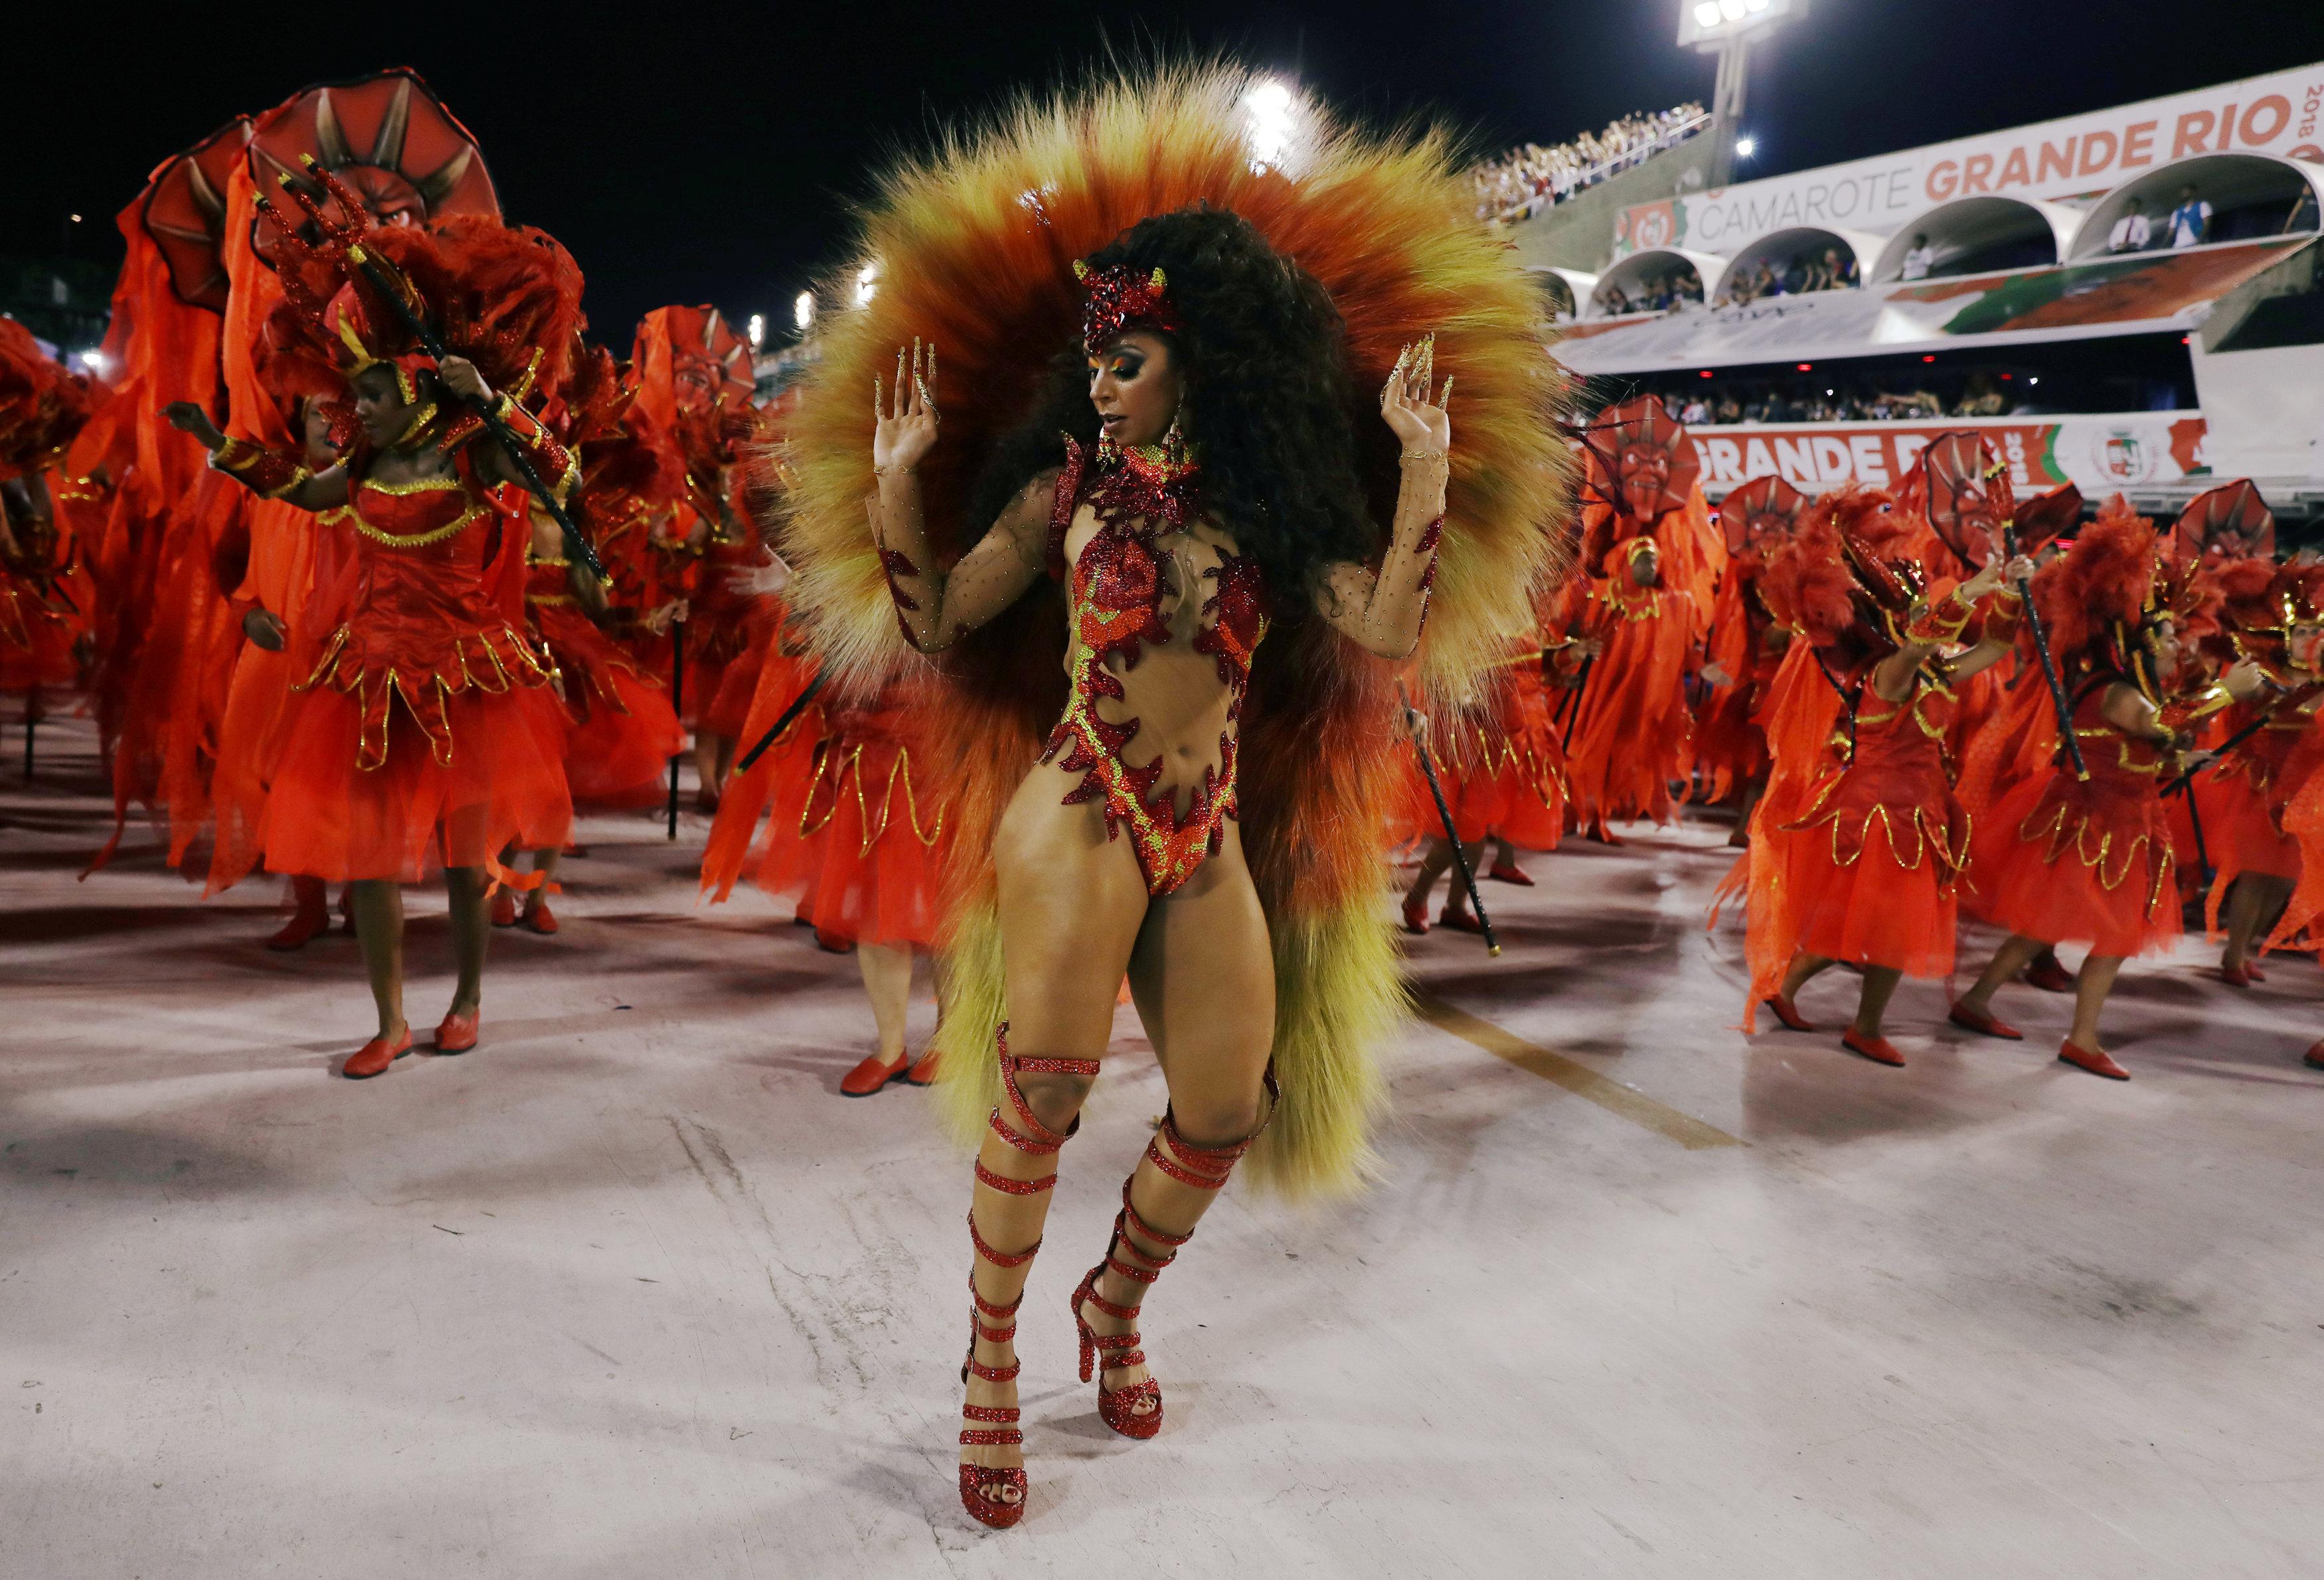 راقص من أونيدوس دا تيجوكا (ريوترز / بيلار أوليفارز)